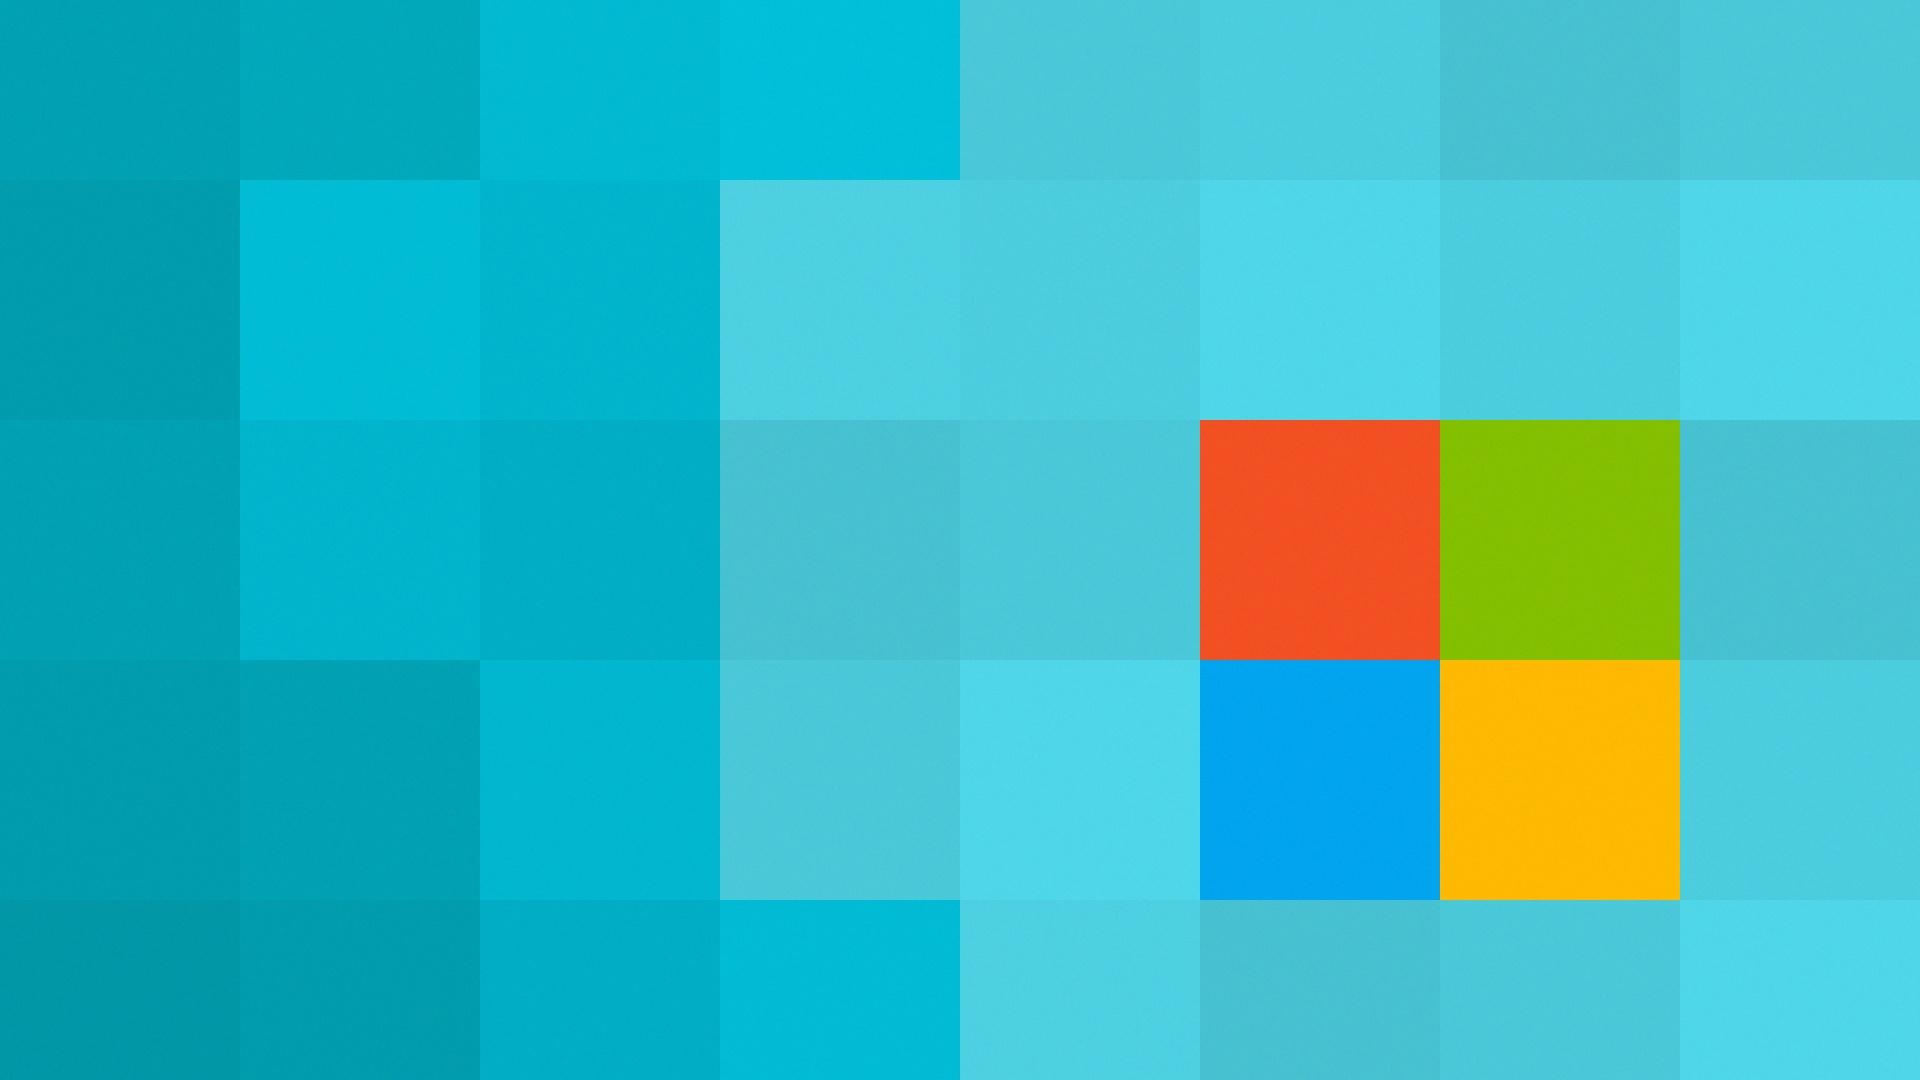 1920x1080 Windows 10 Minimal desktop PC and Mac wallpaper 1920x1080